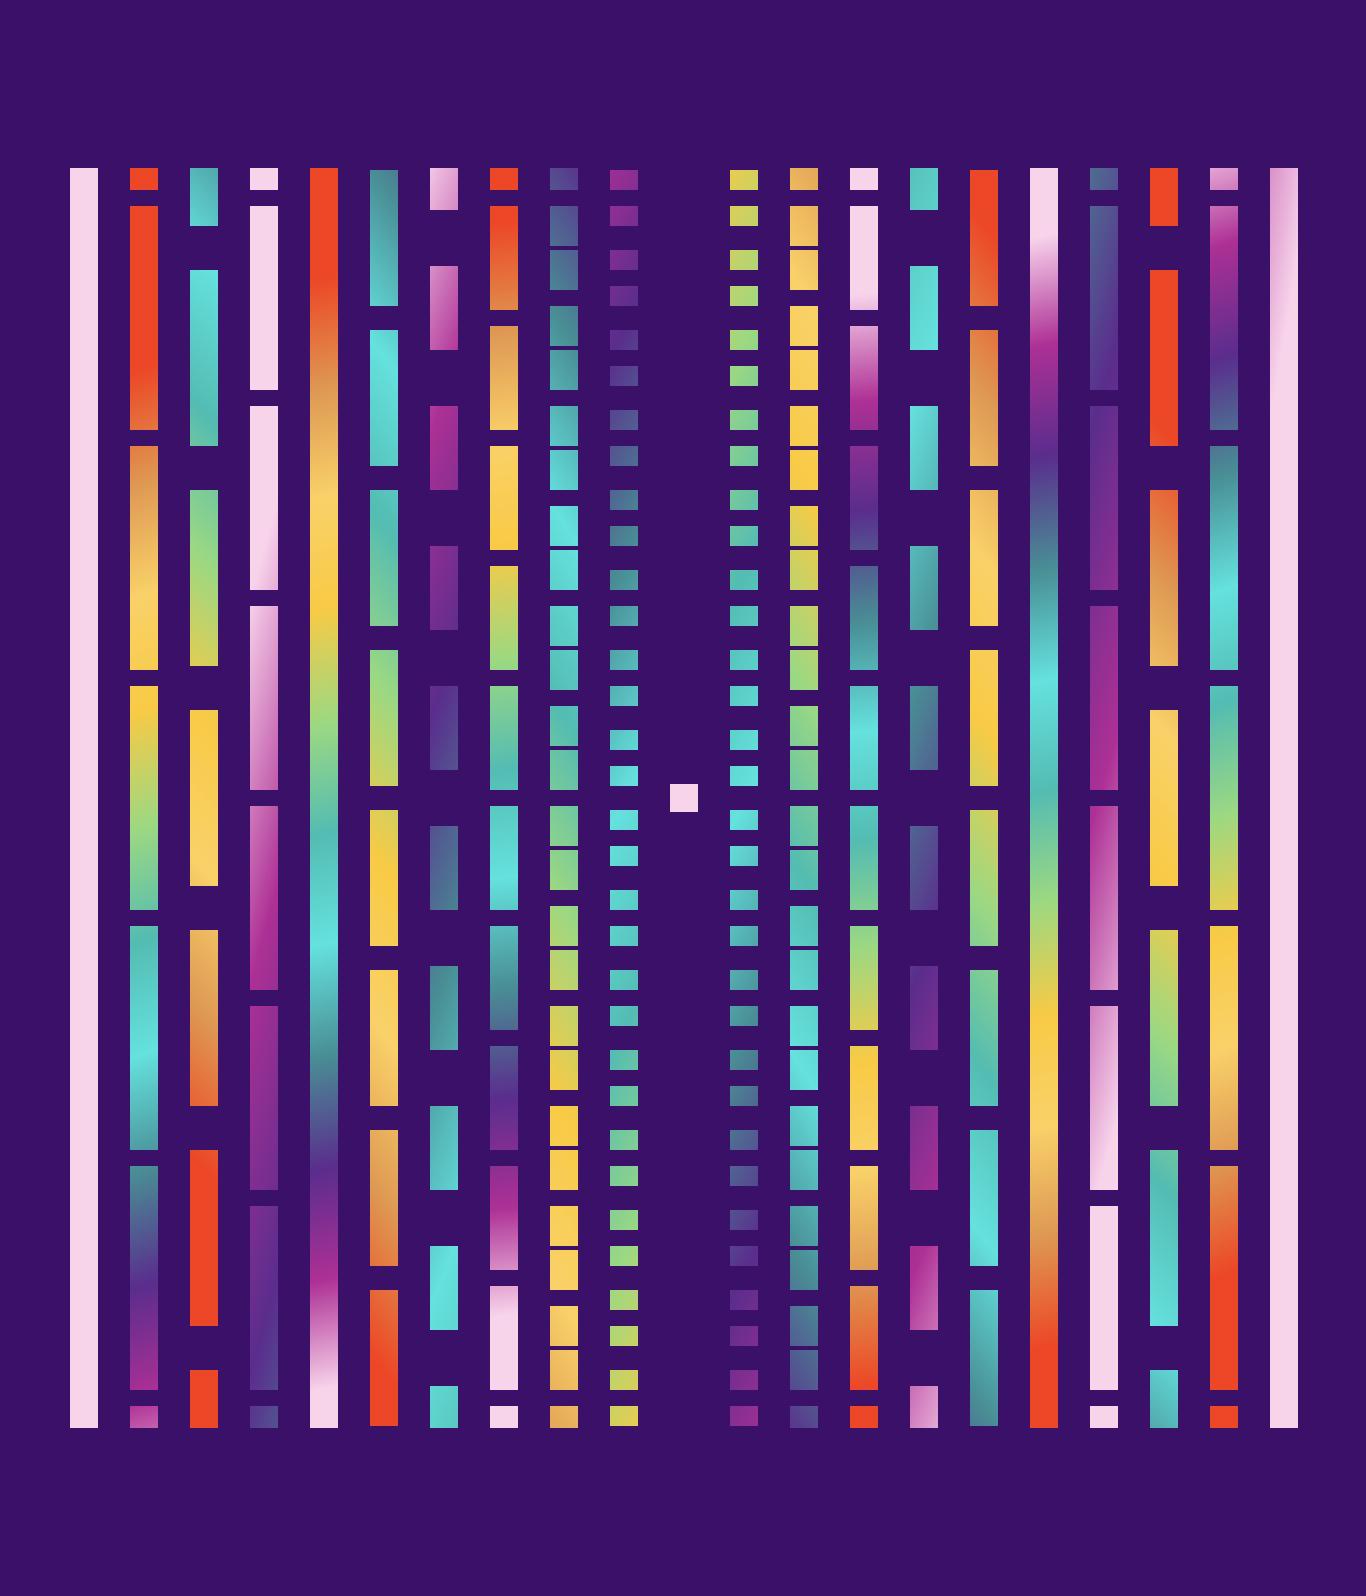 isolation-pixel-static-64